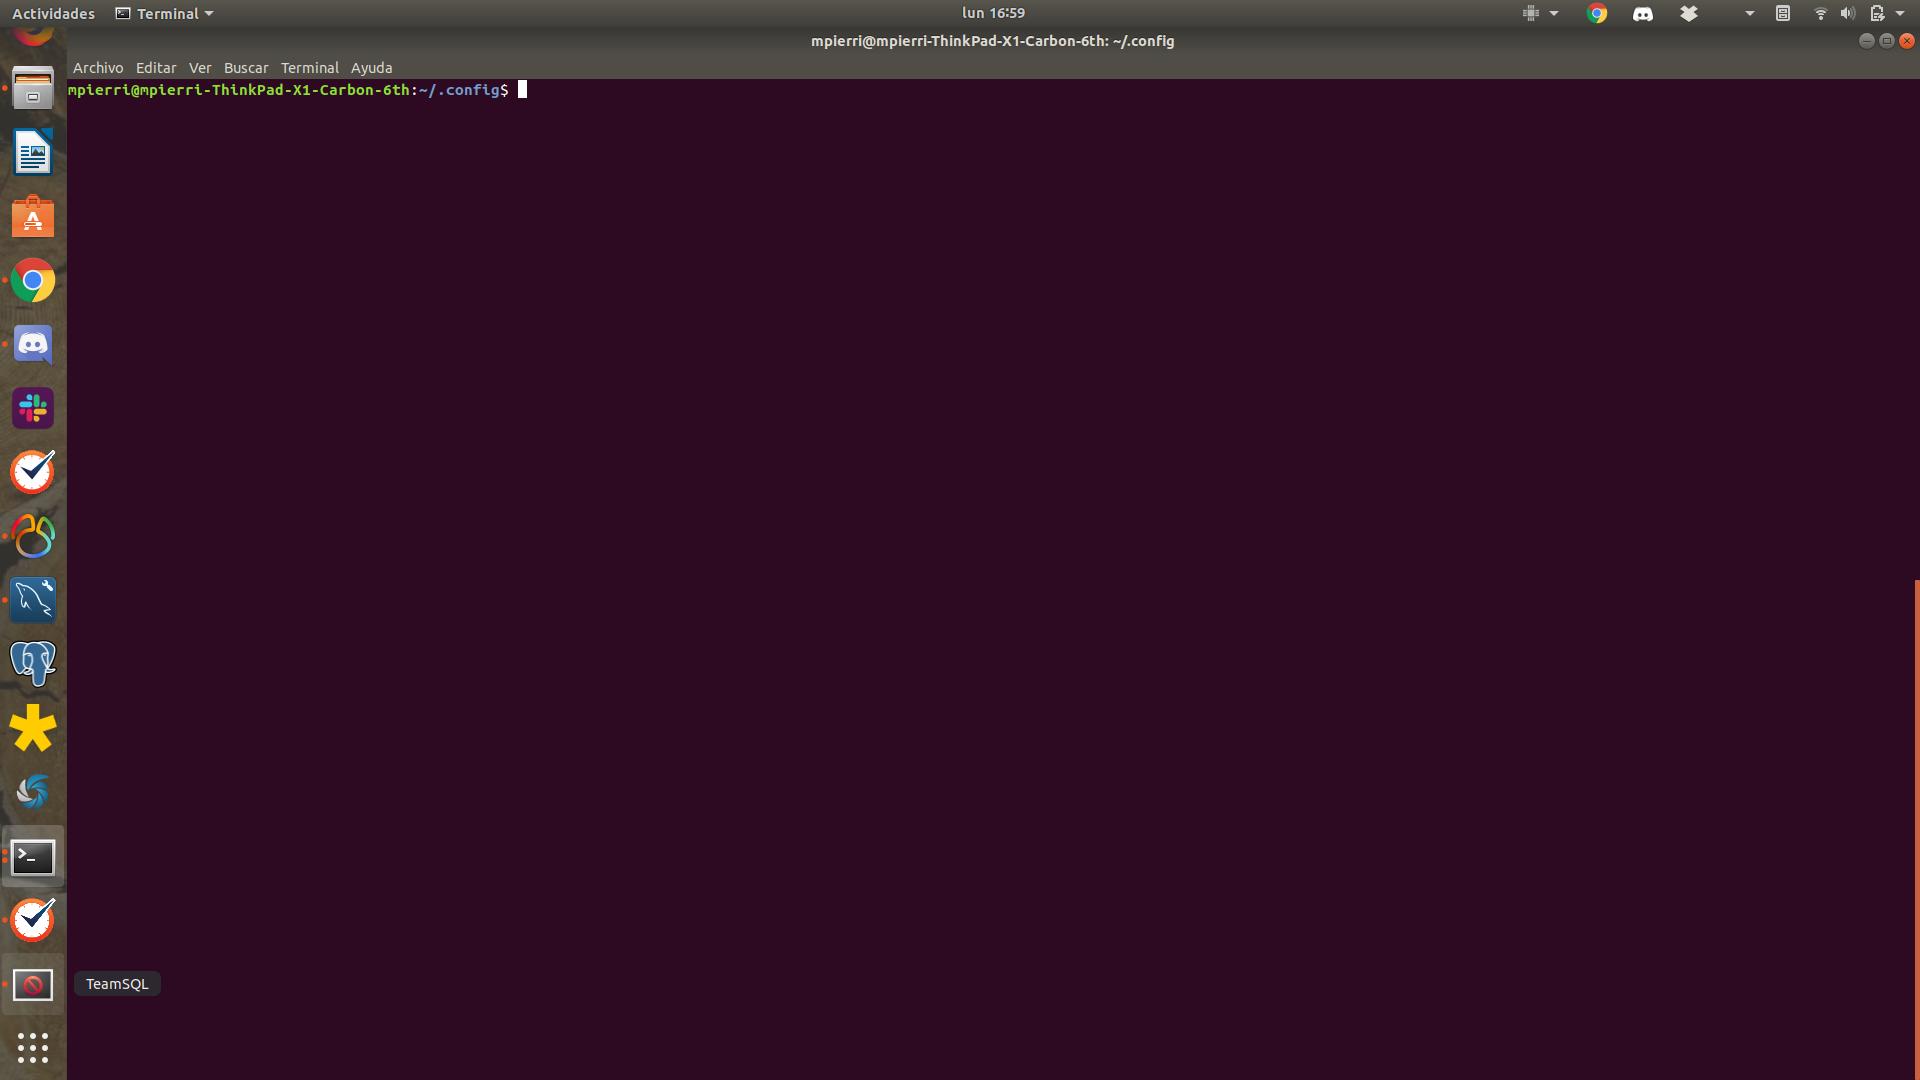 Team Sql Linux